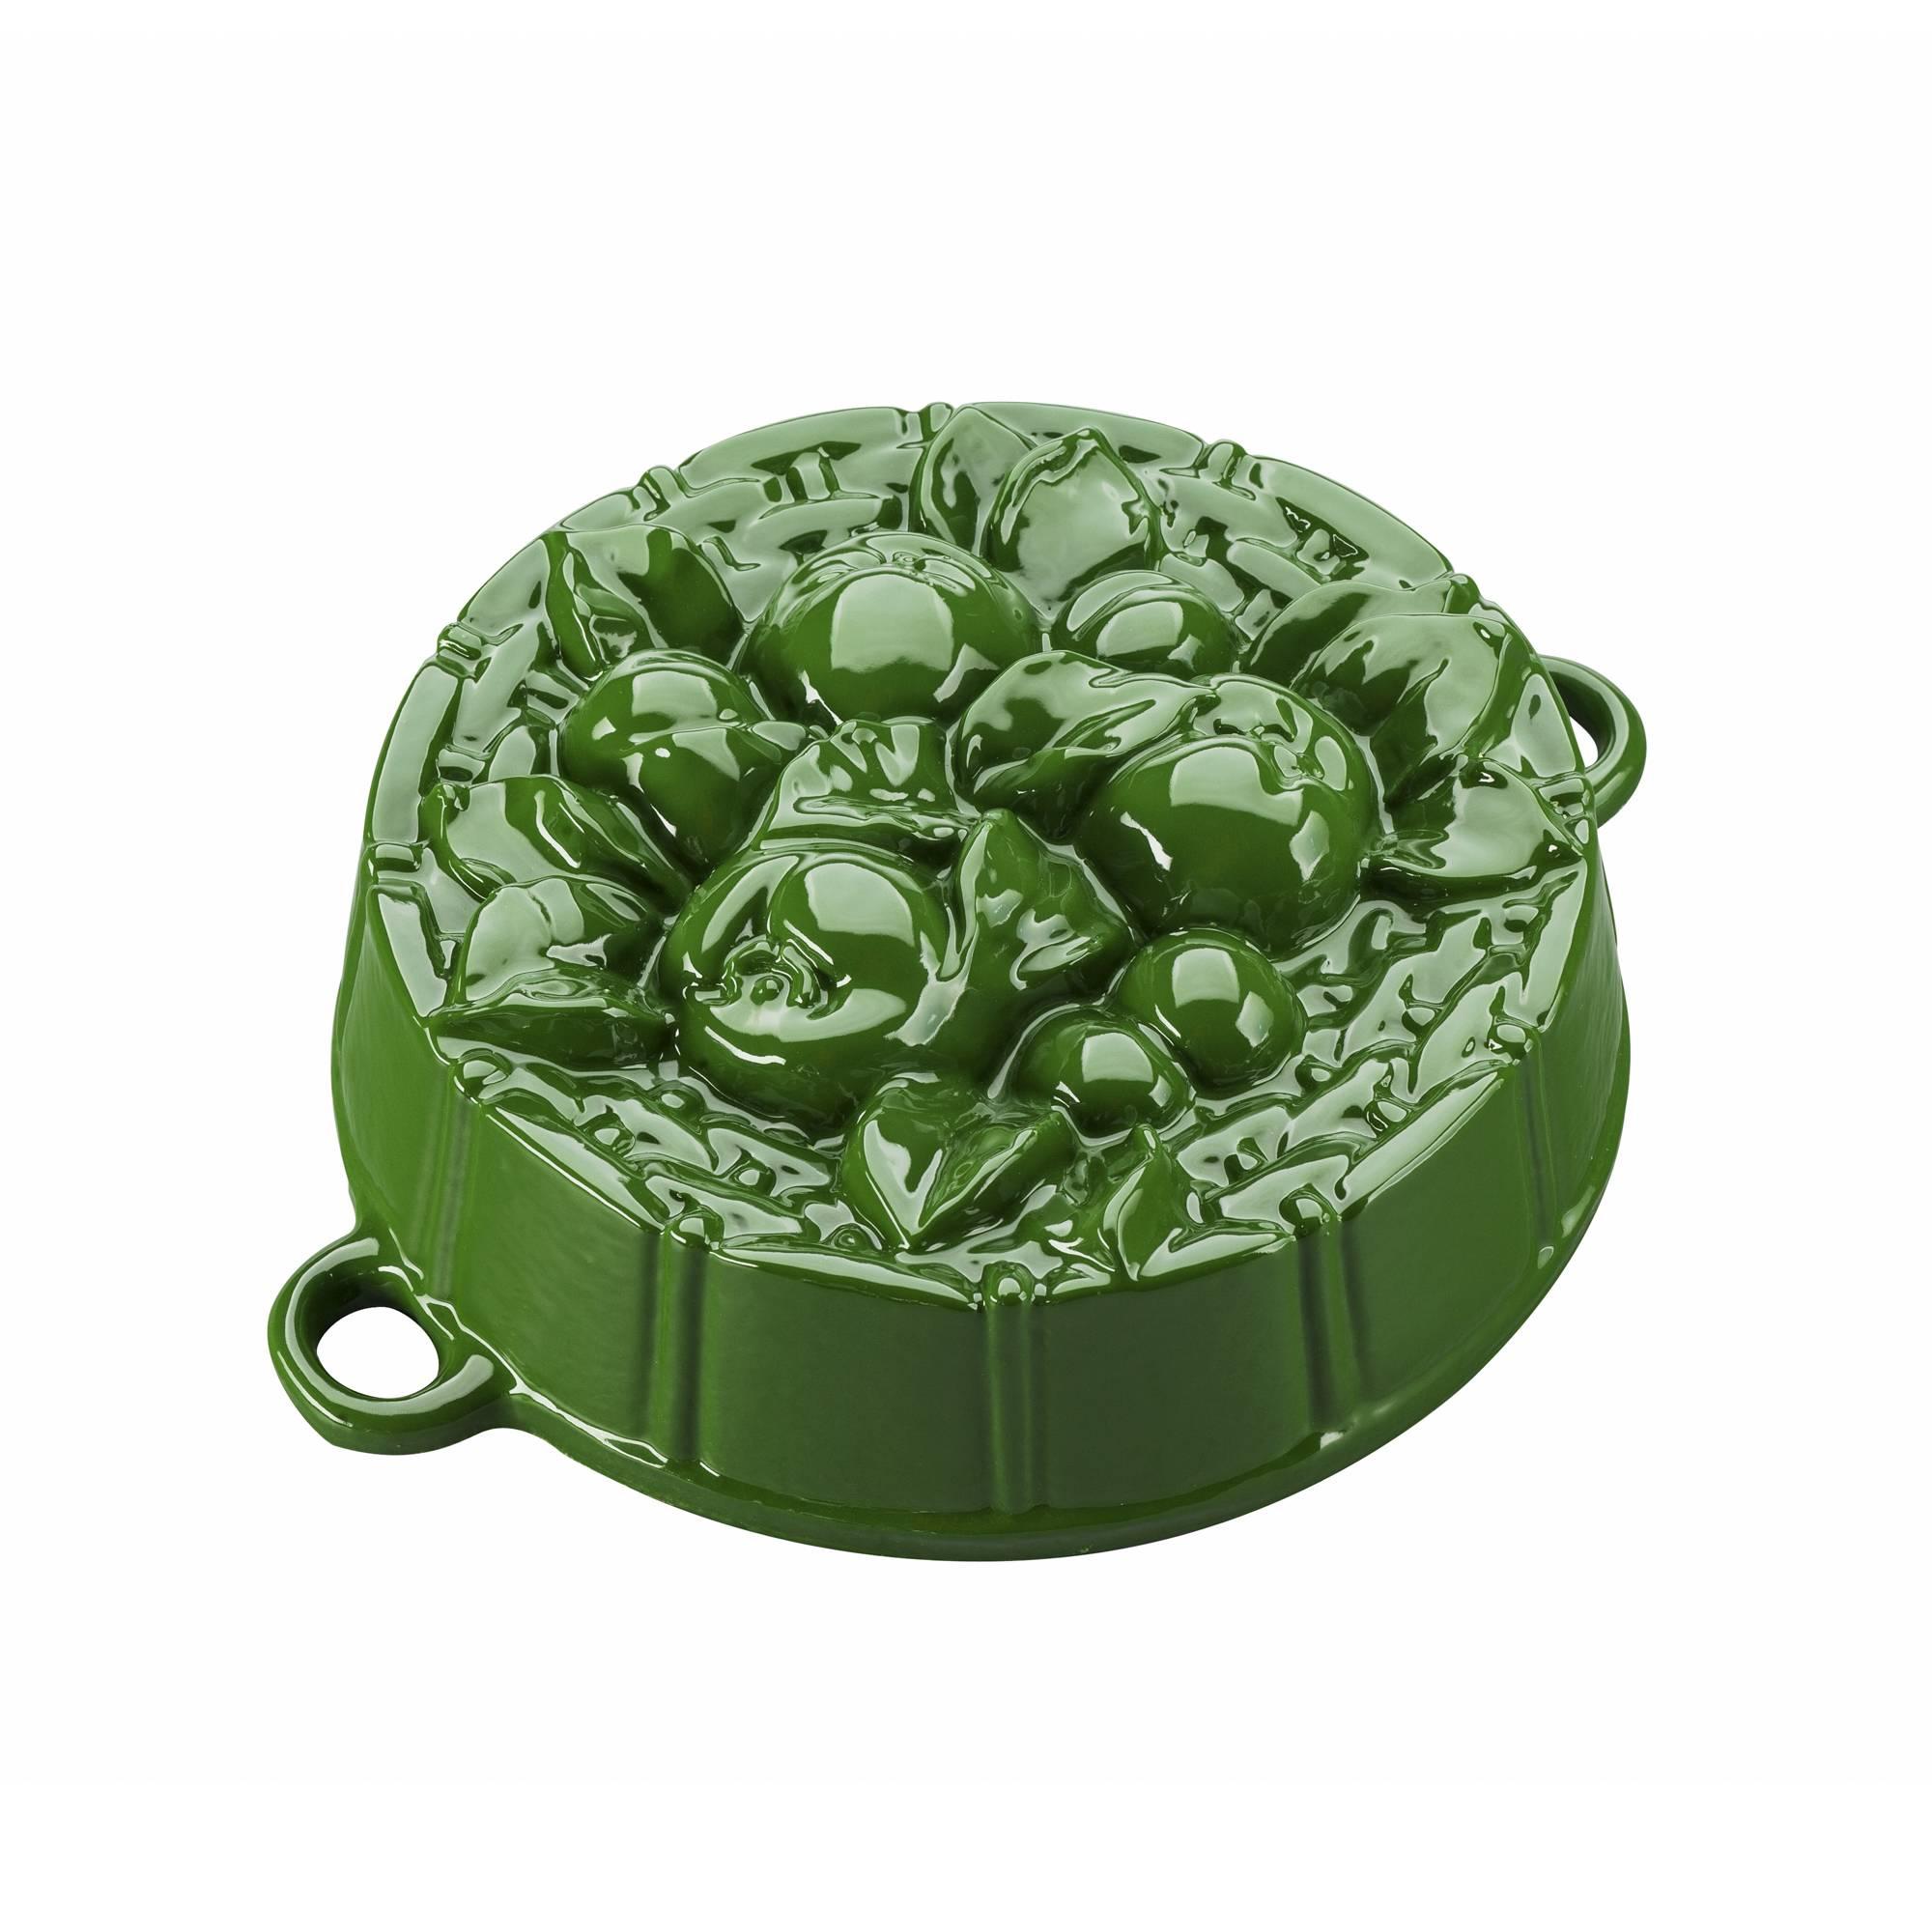 Pečící forma s jablíčky, tmavě zelená - Smalt